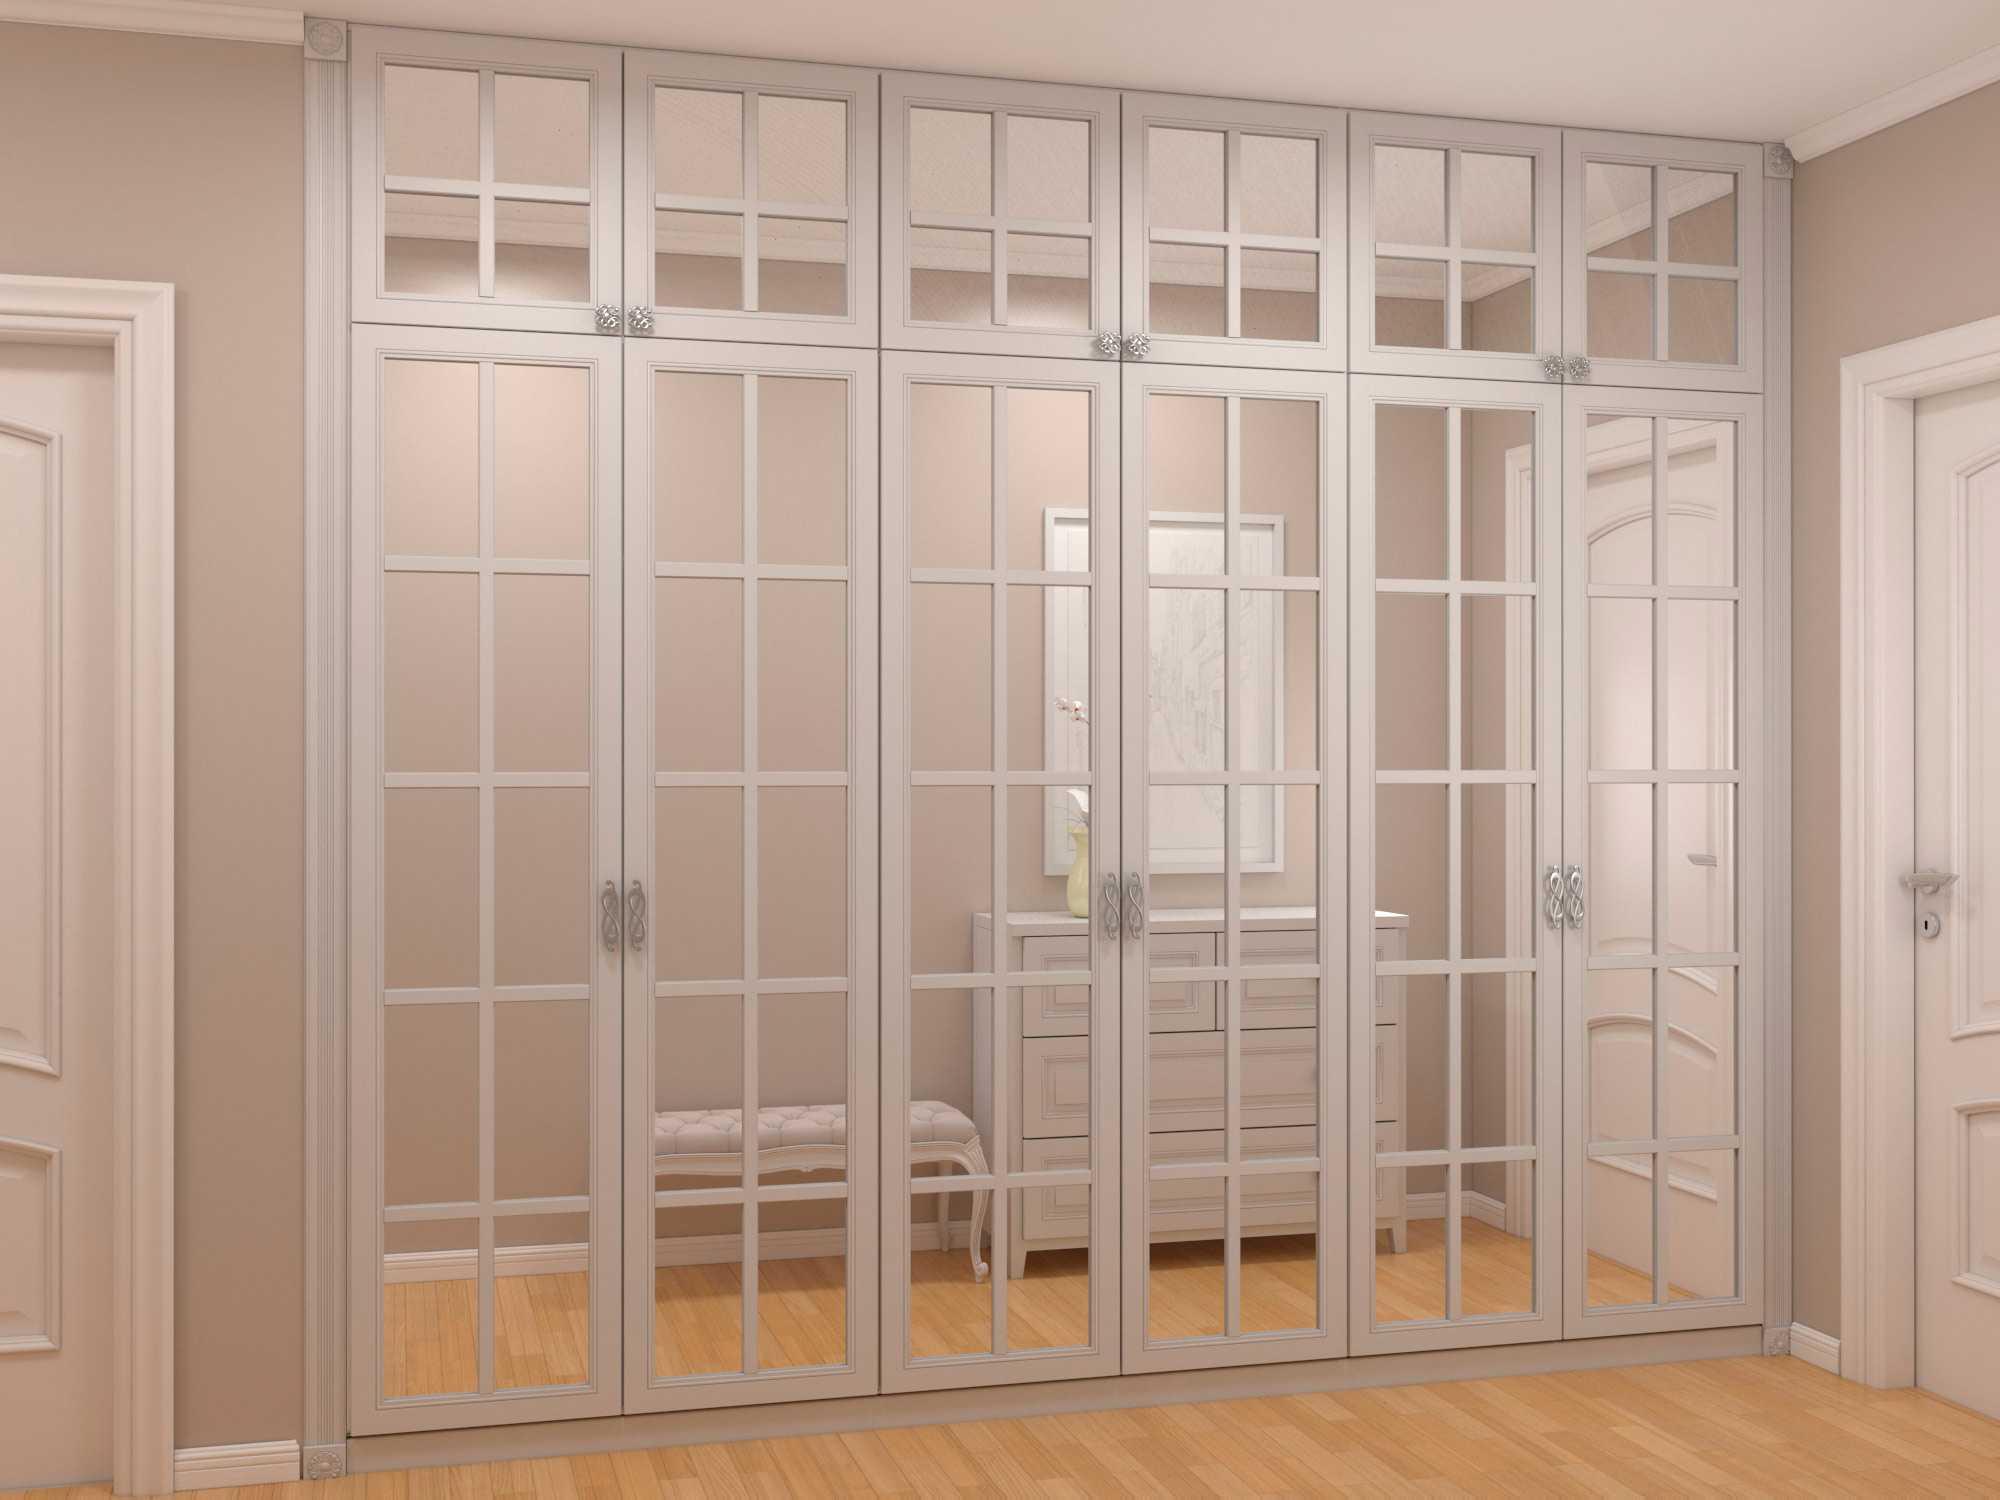 Практичность и доступность раздвижных душевых дверей в нишу